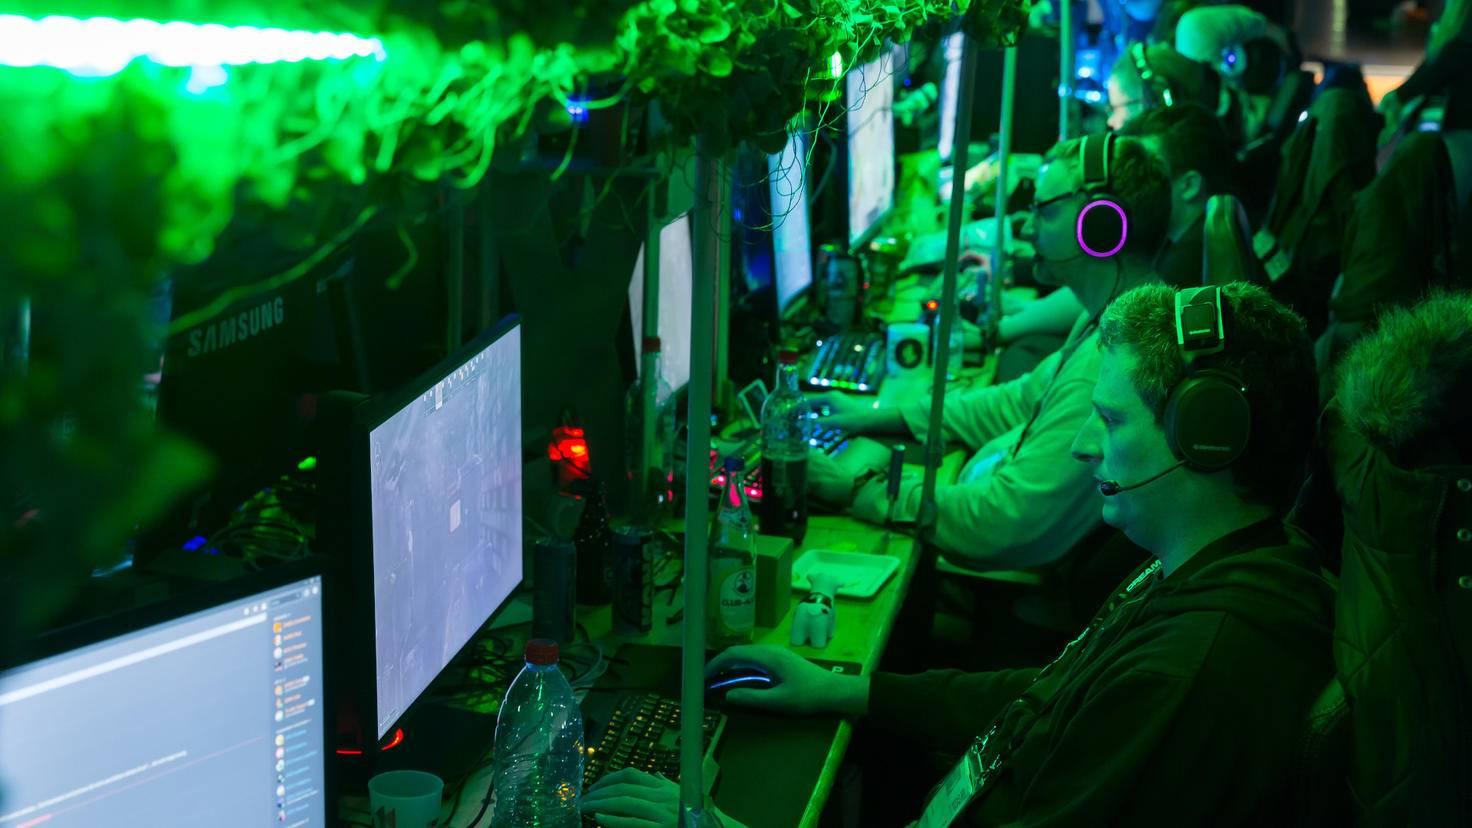 Am eigenen Gerät per LAN-Verbindung mit Tausenden anderen spielen – das bietet in diesem Ausmaß nur die Dreamhack.